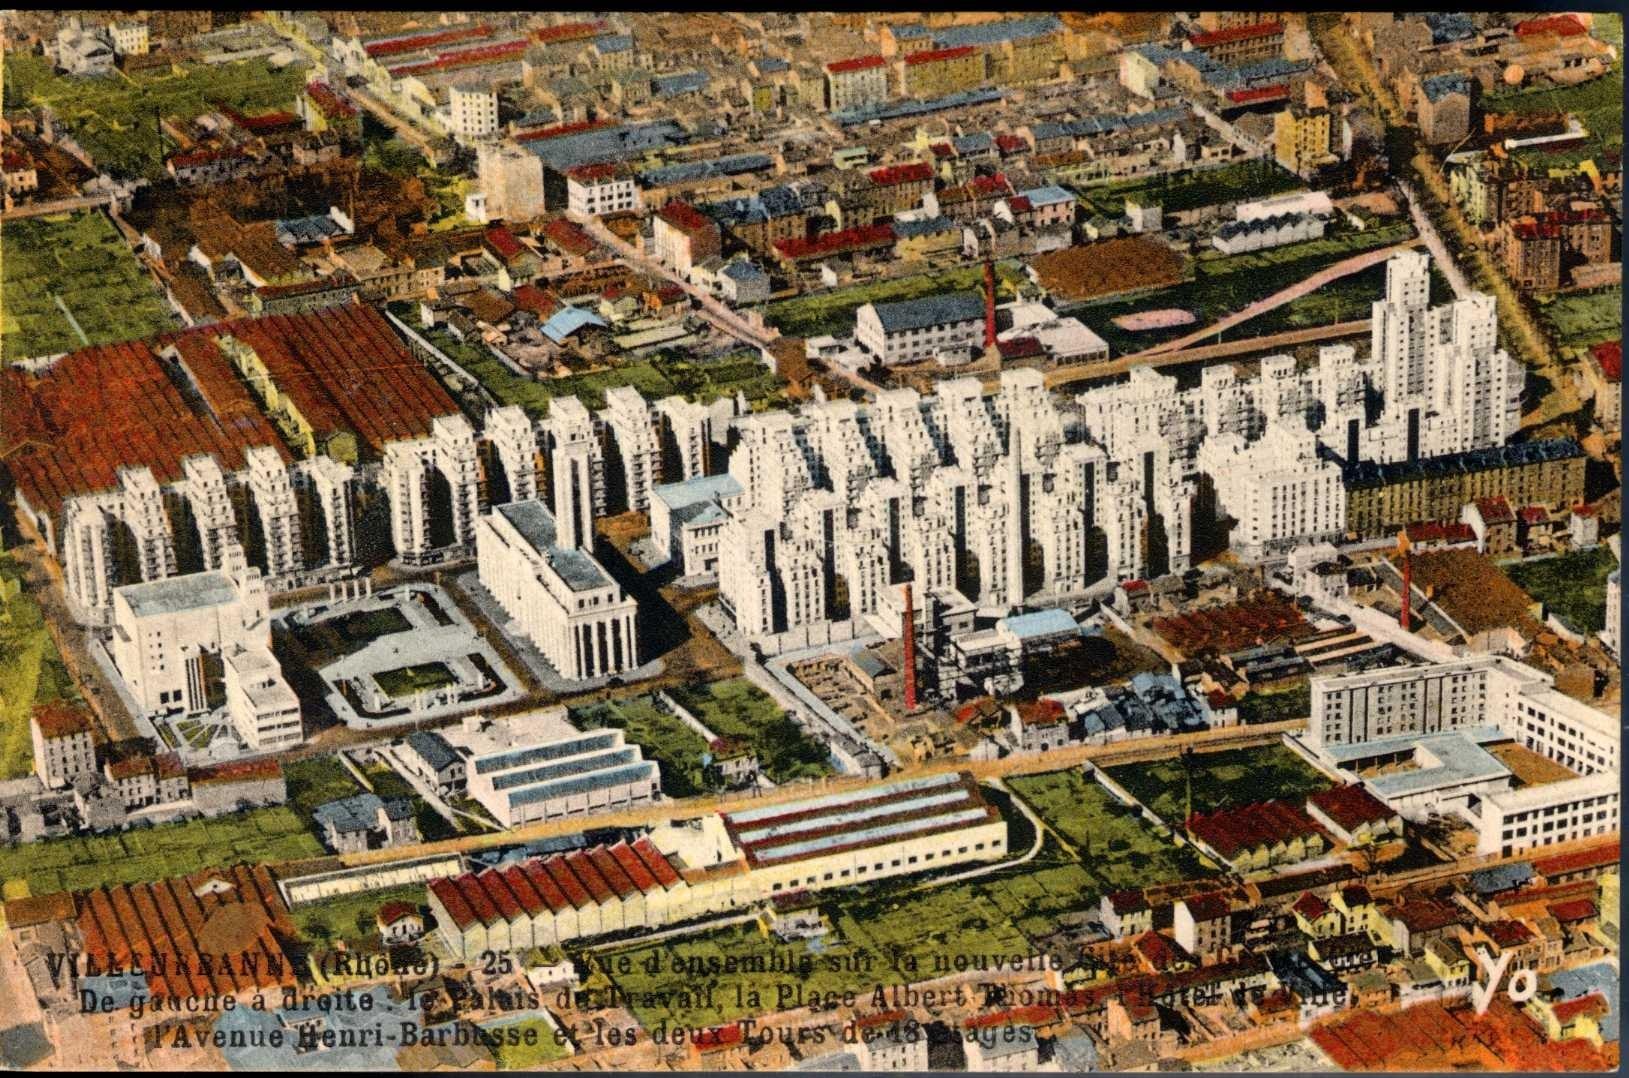 Quartier Gratte-Ciel Villeurbanne, 1950